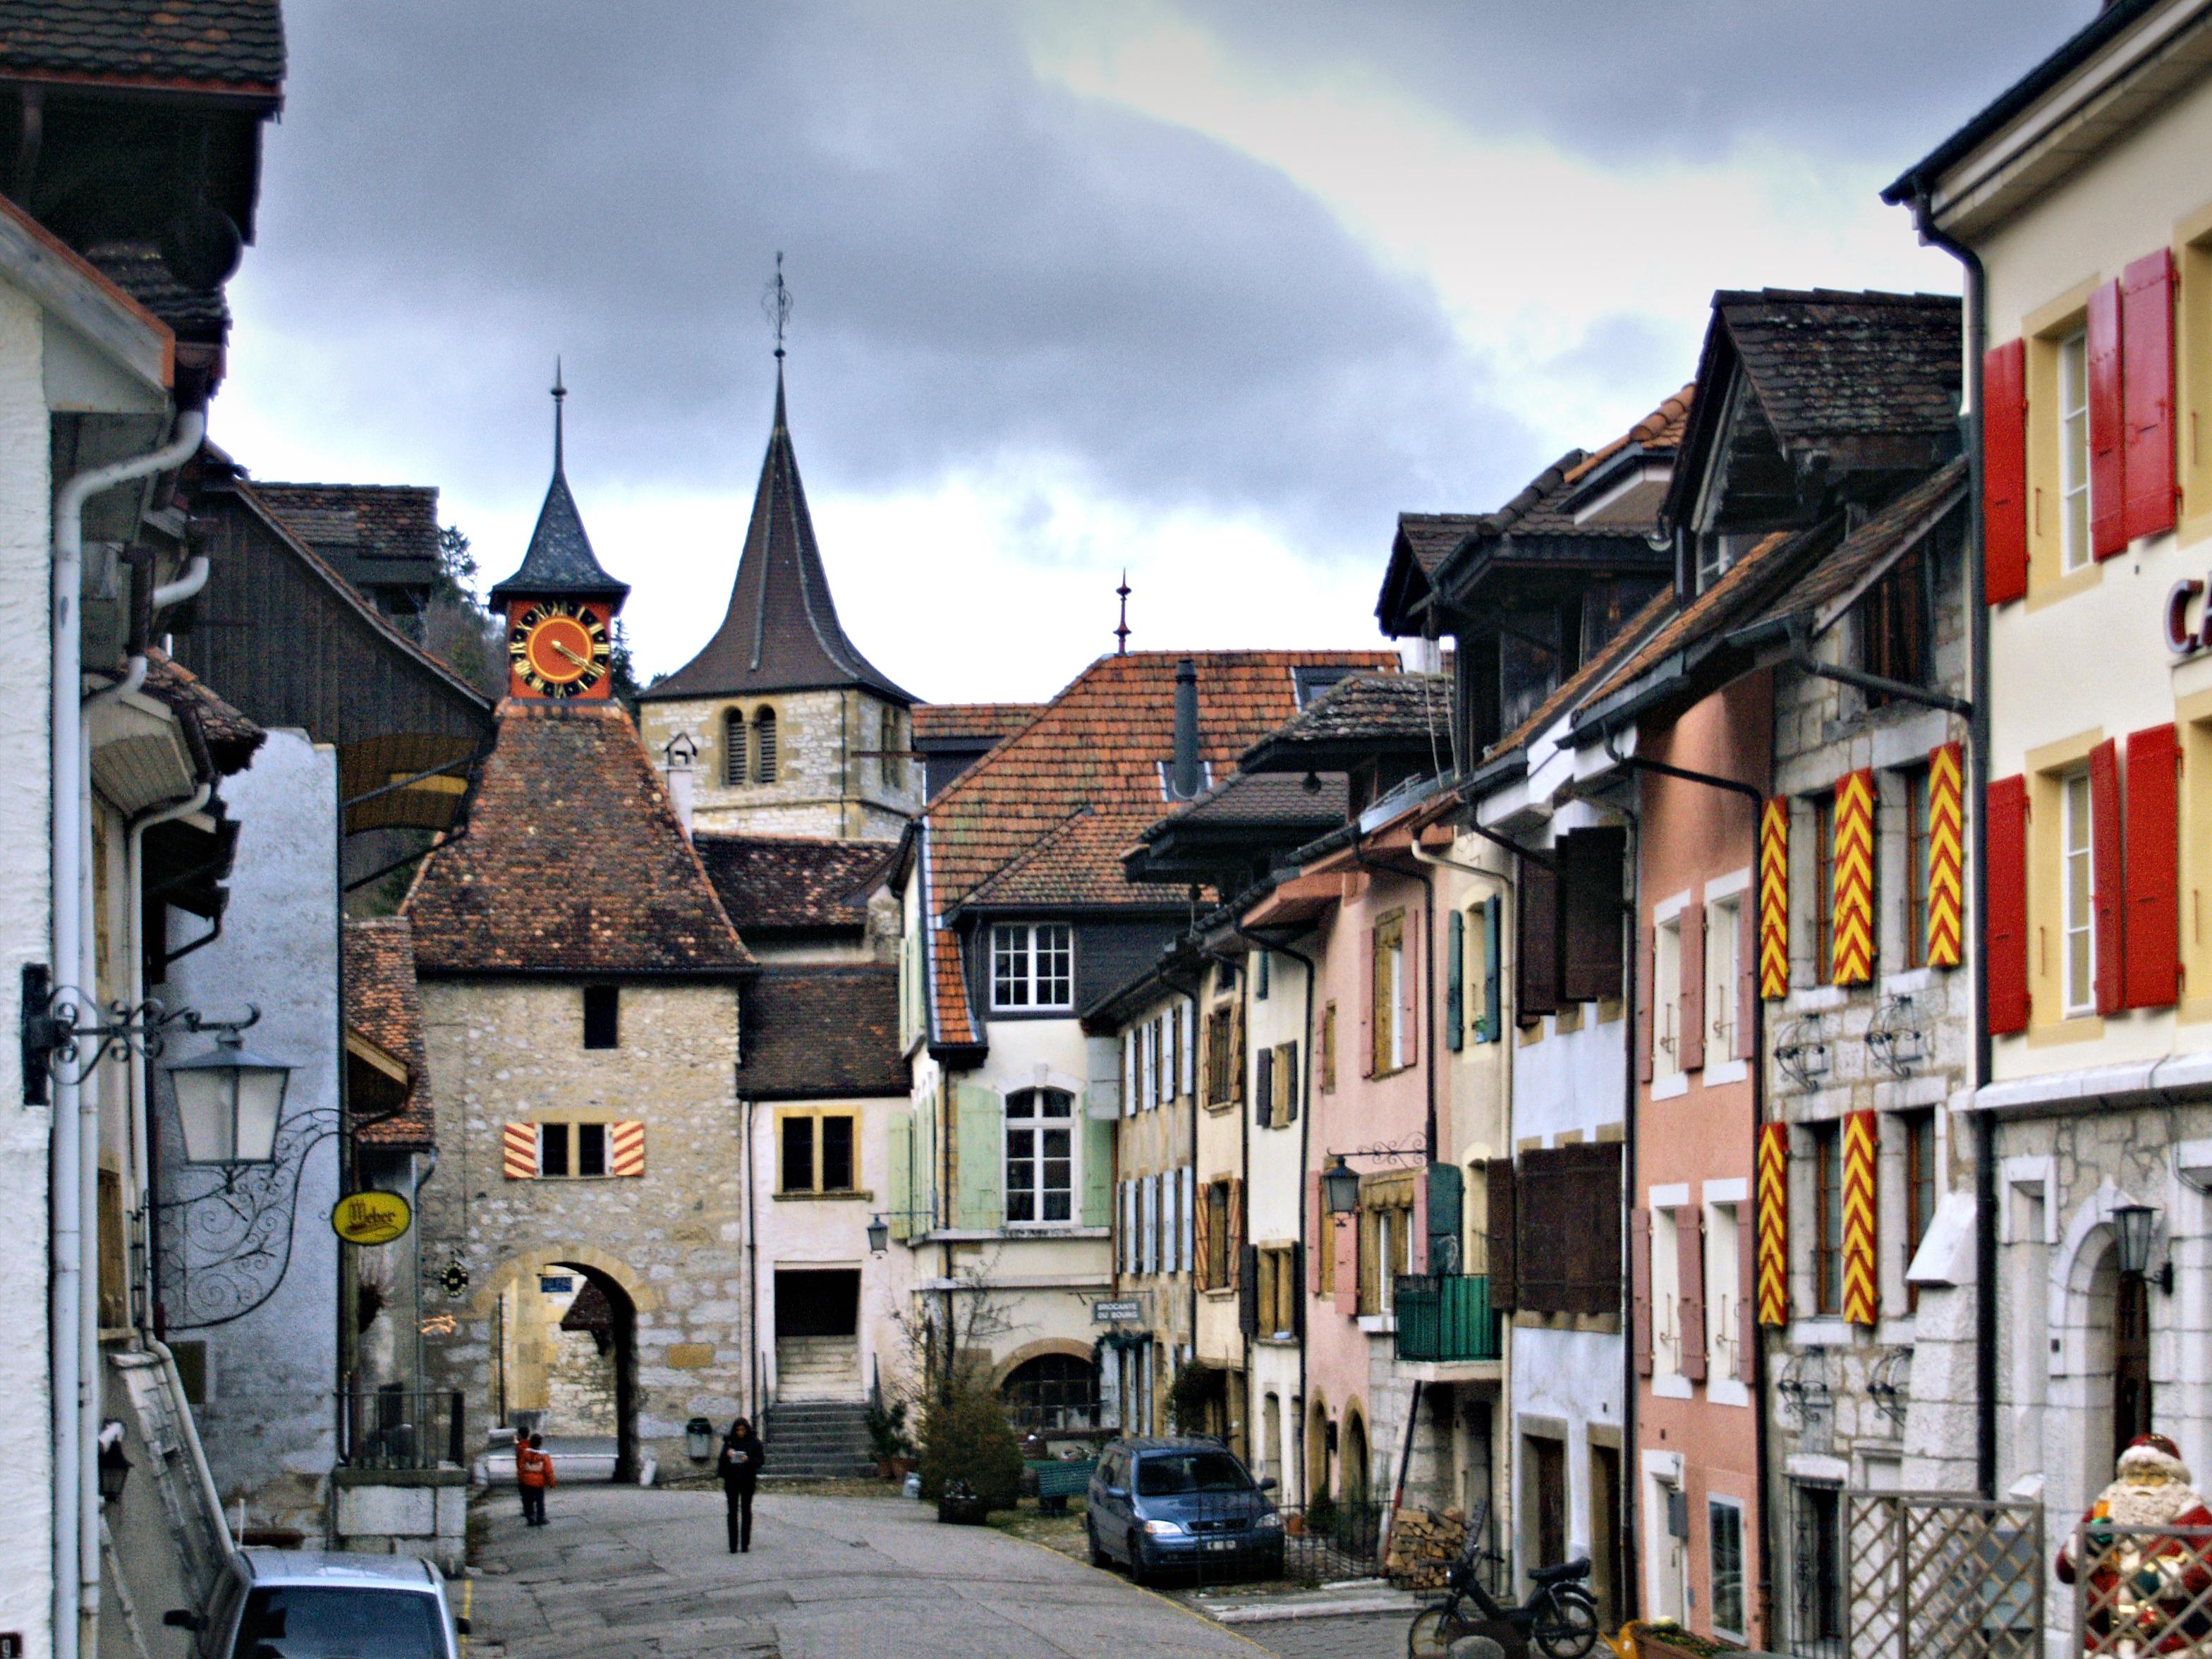 Les plus beaux villages de Suisse romande - Valangin (Neuchâtel)